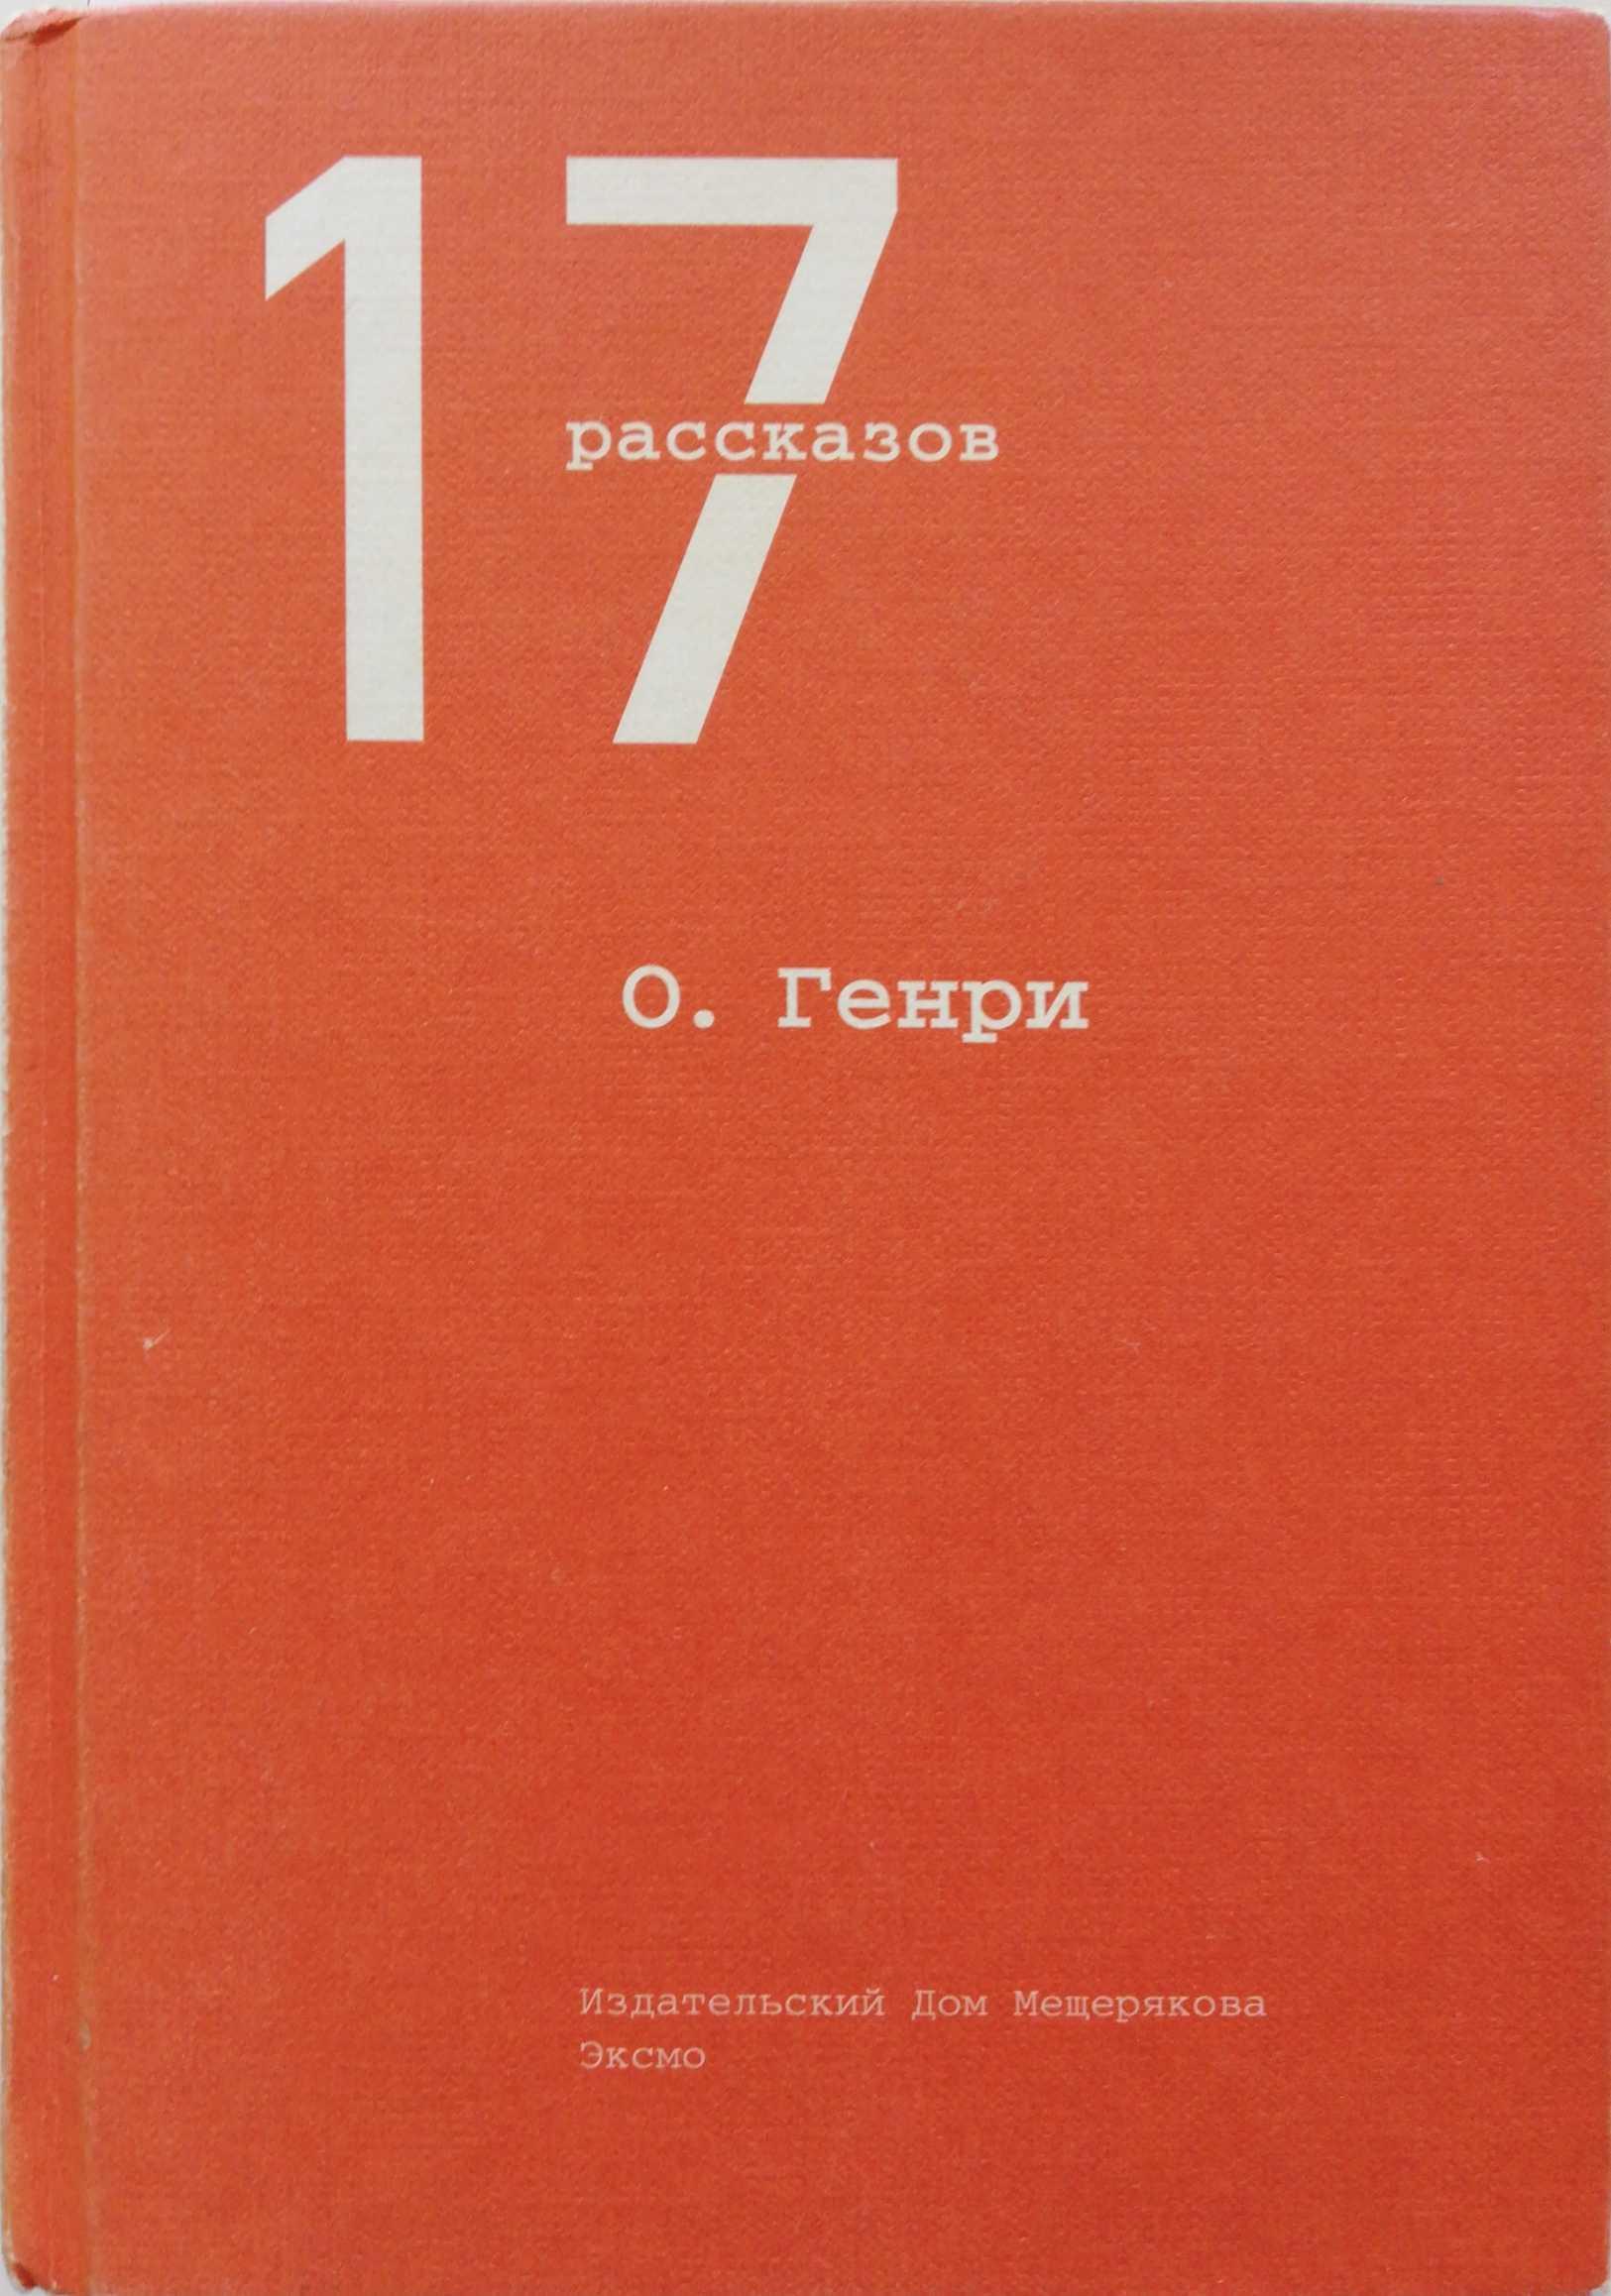 лучшая цена О. Генри О. Генри. 17 рассказов